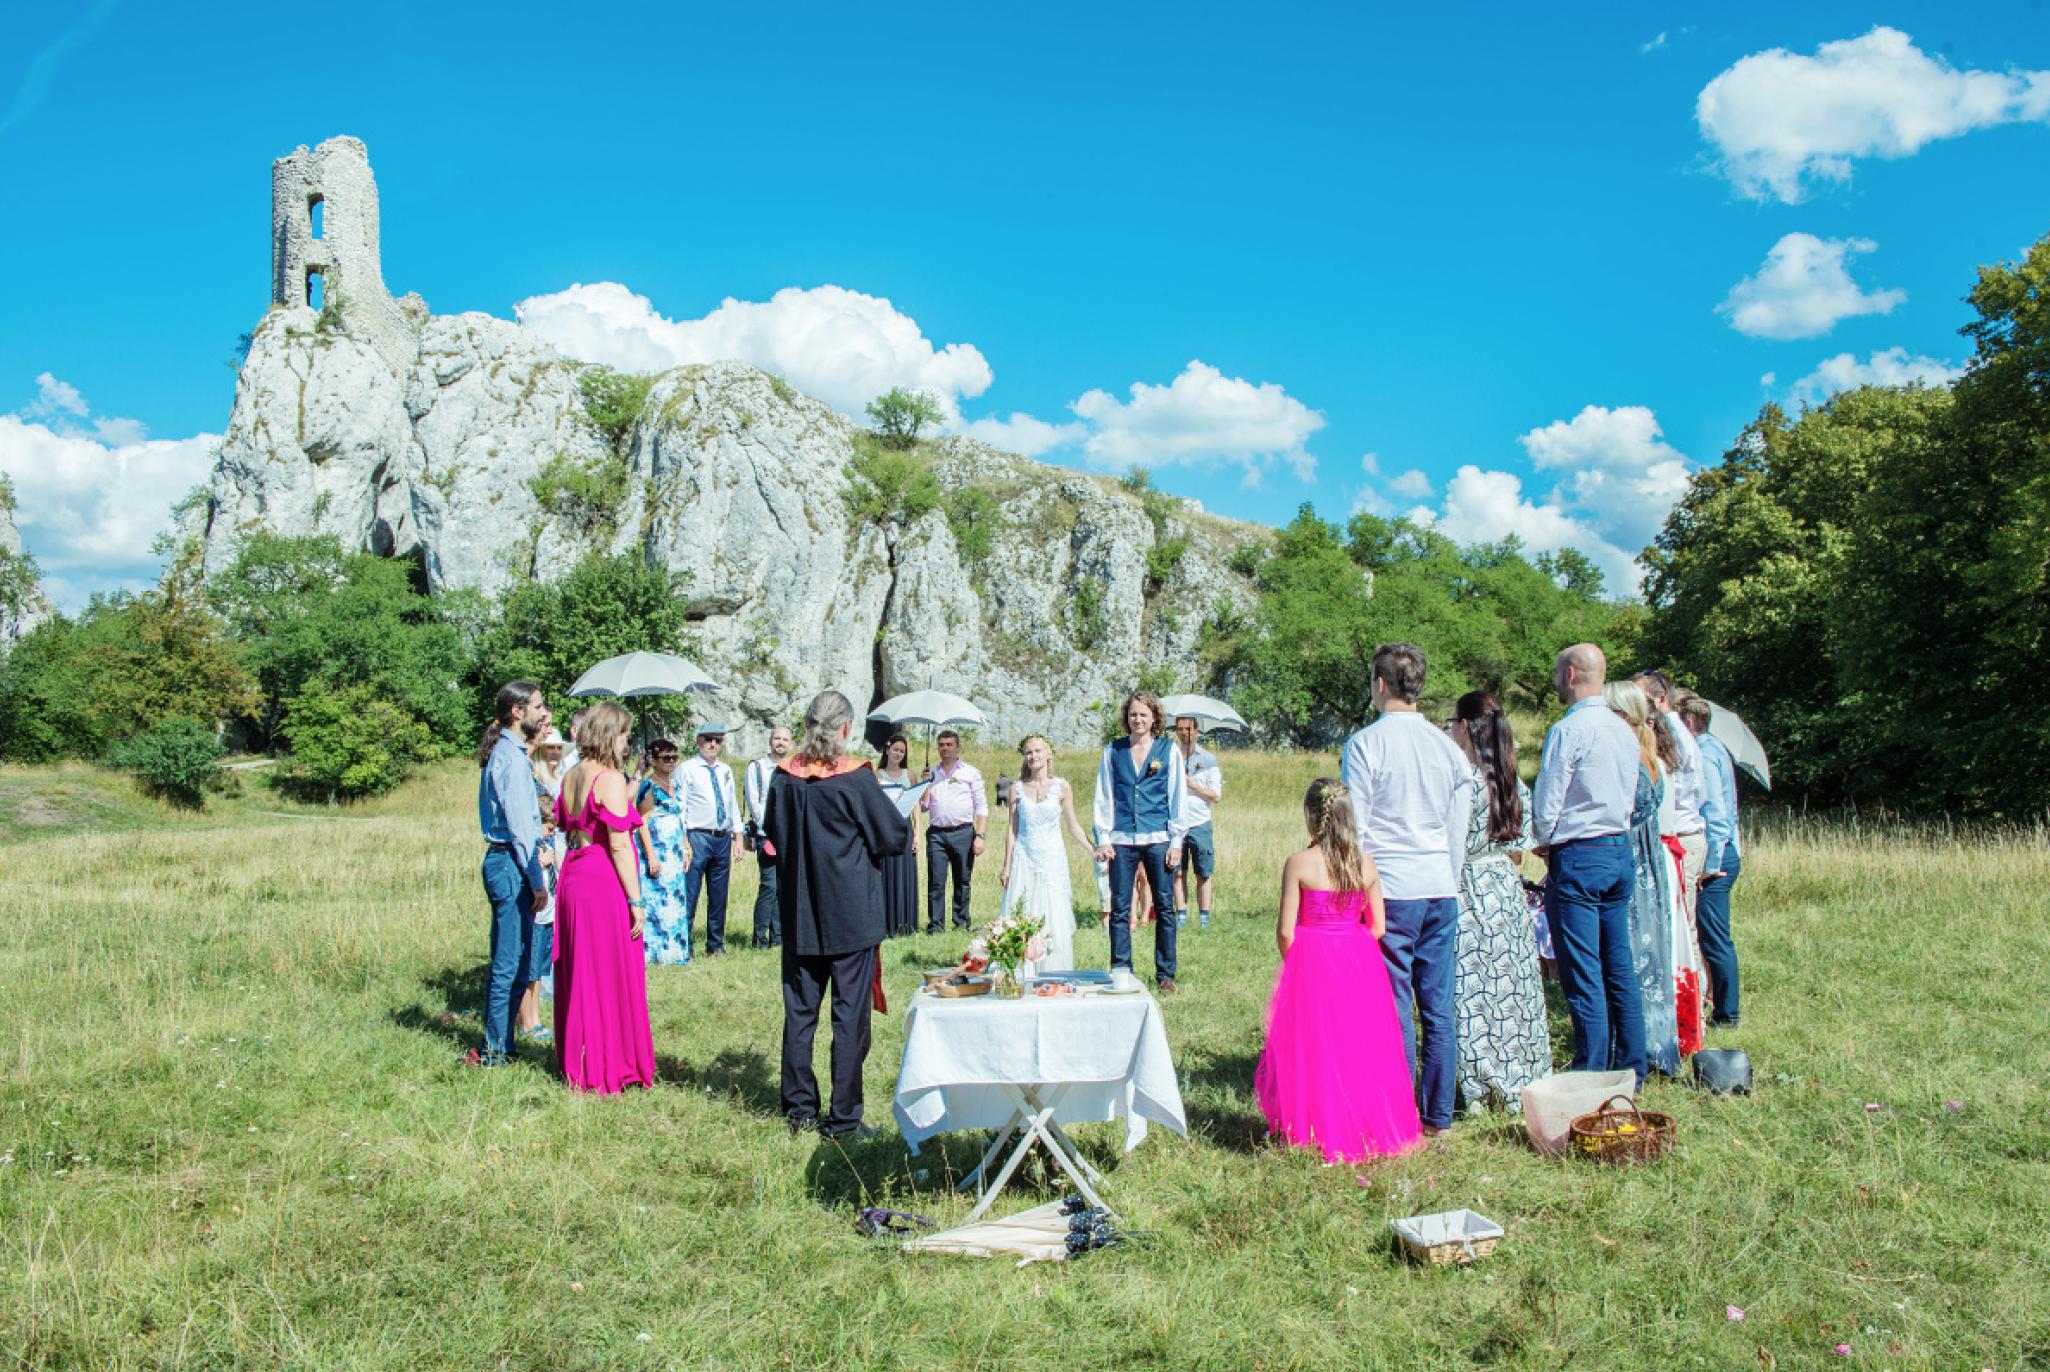 ritual-svatba-stana-stiborova-mrazkova-1